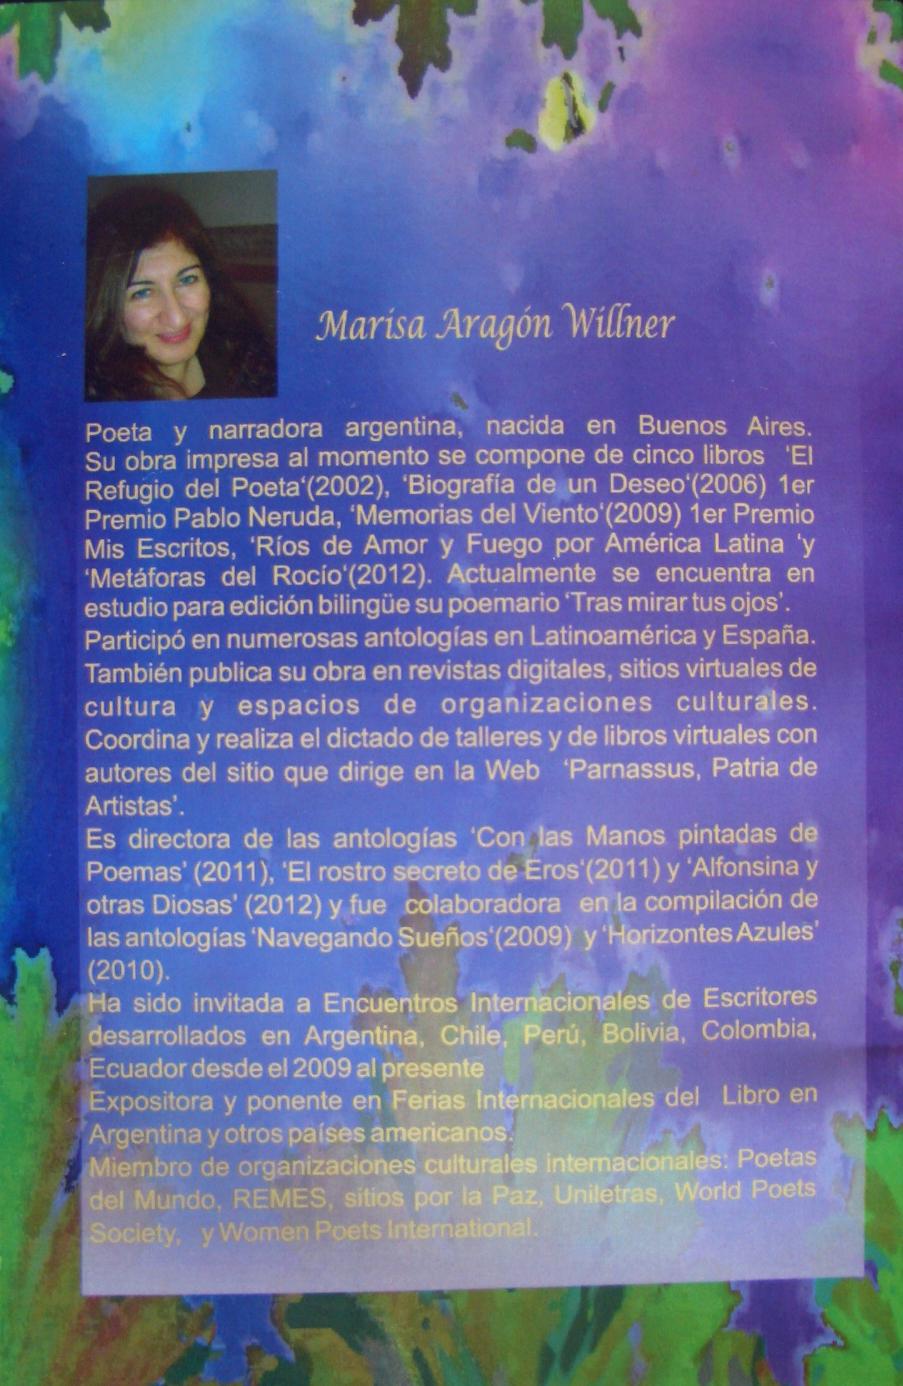 Resultado de imagen para MARISA ARAGON WILLNER FOTOS